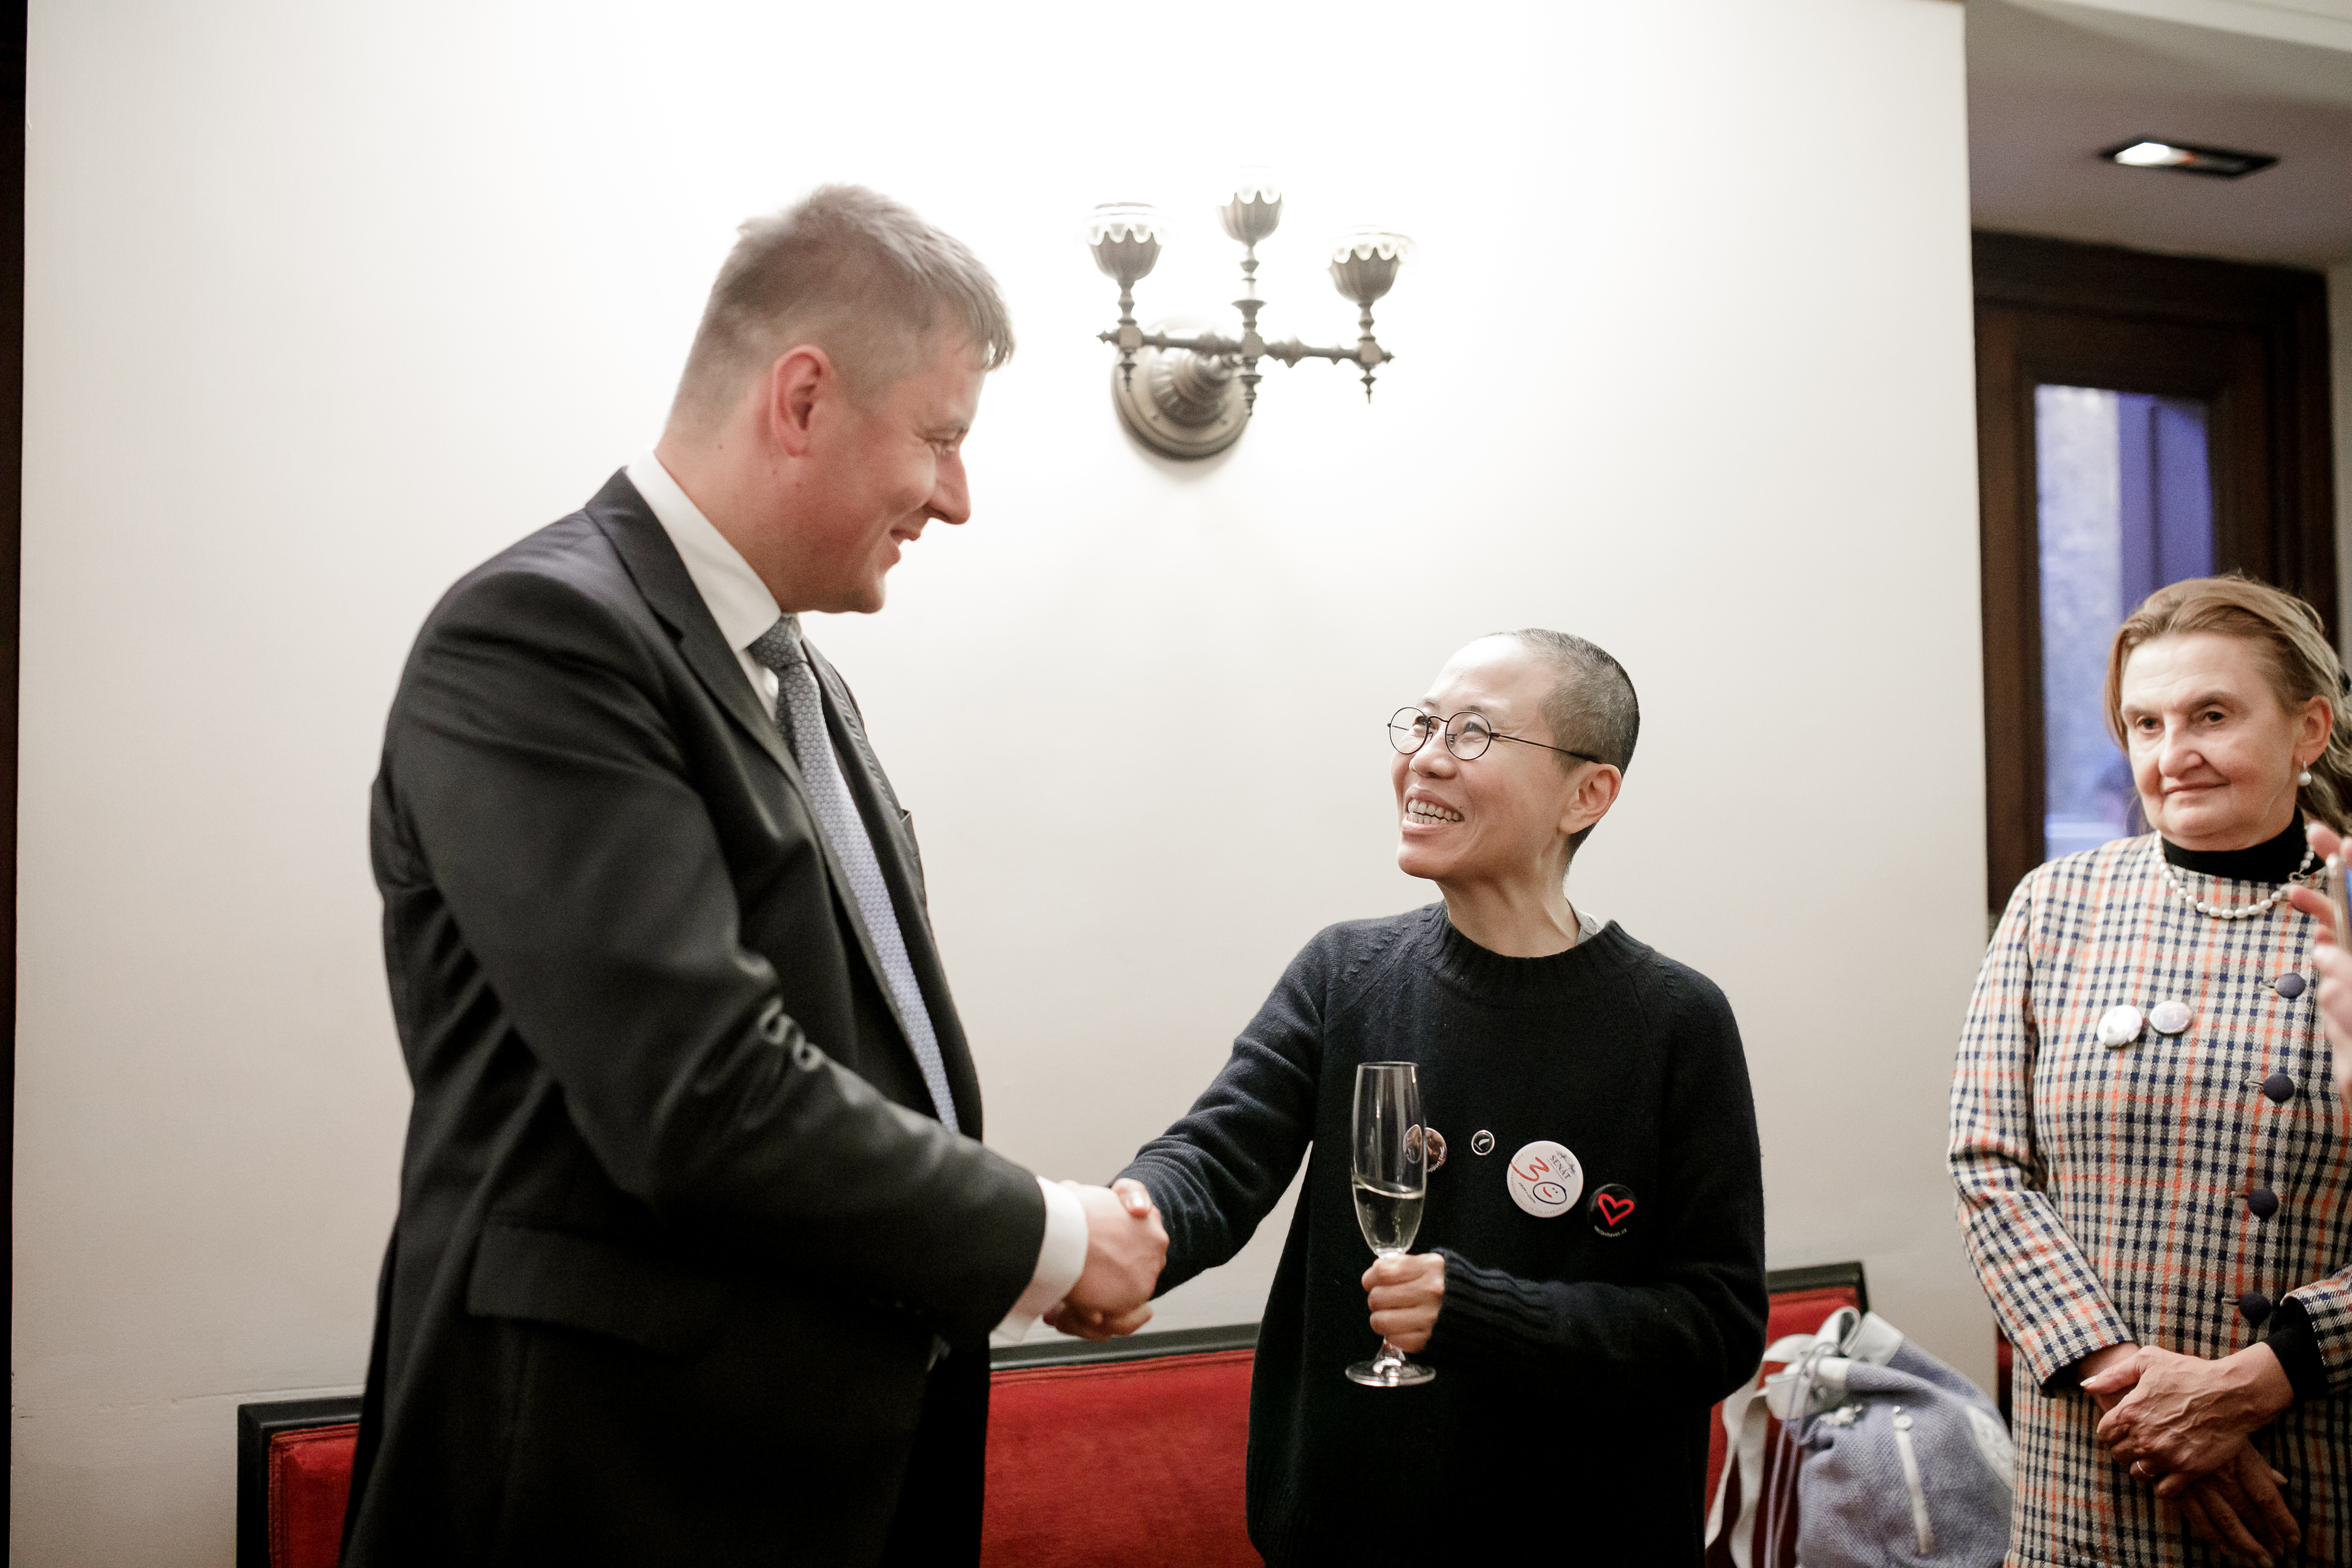 Ministr Tomáš Petříček se na Kolegia Paměti národa setkal s čínskou disidentkou Liou Sia